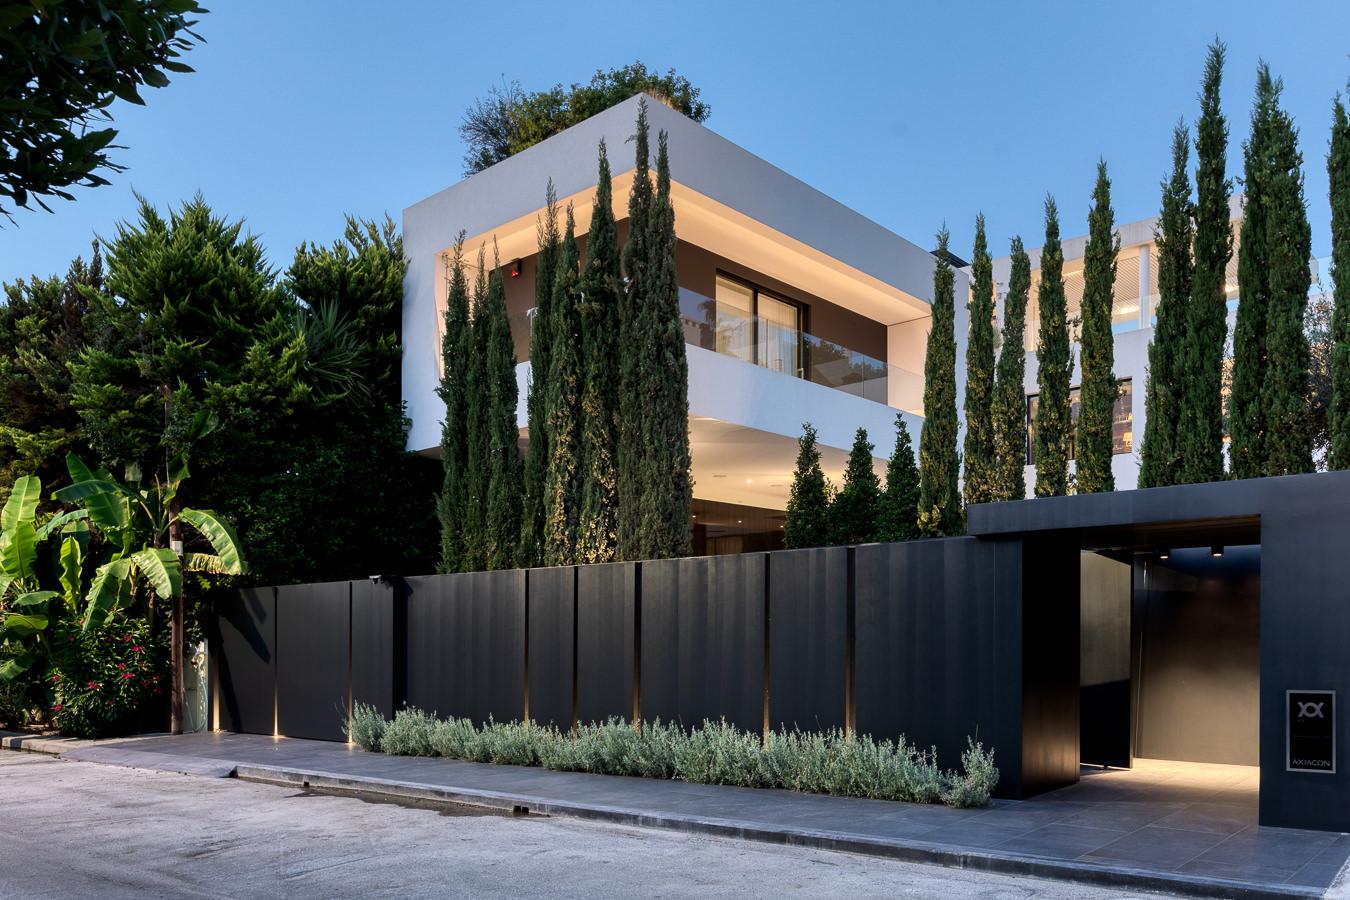 Black Villa, Γιώργος Φάκαρος - Αρχιτεκτονική Φωτογραφία | Εσωτερικοί Χώροι | Φωτογραφία Ξενοδοχειών - Photography / Φωτογραφία